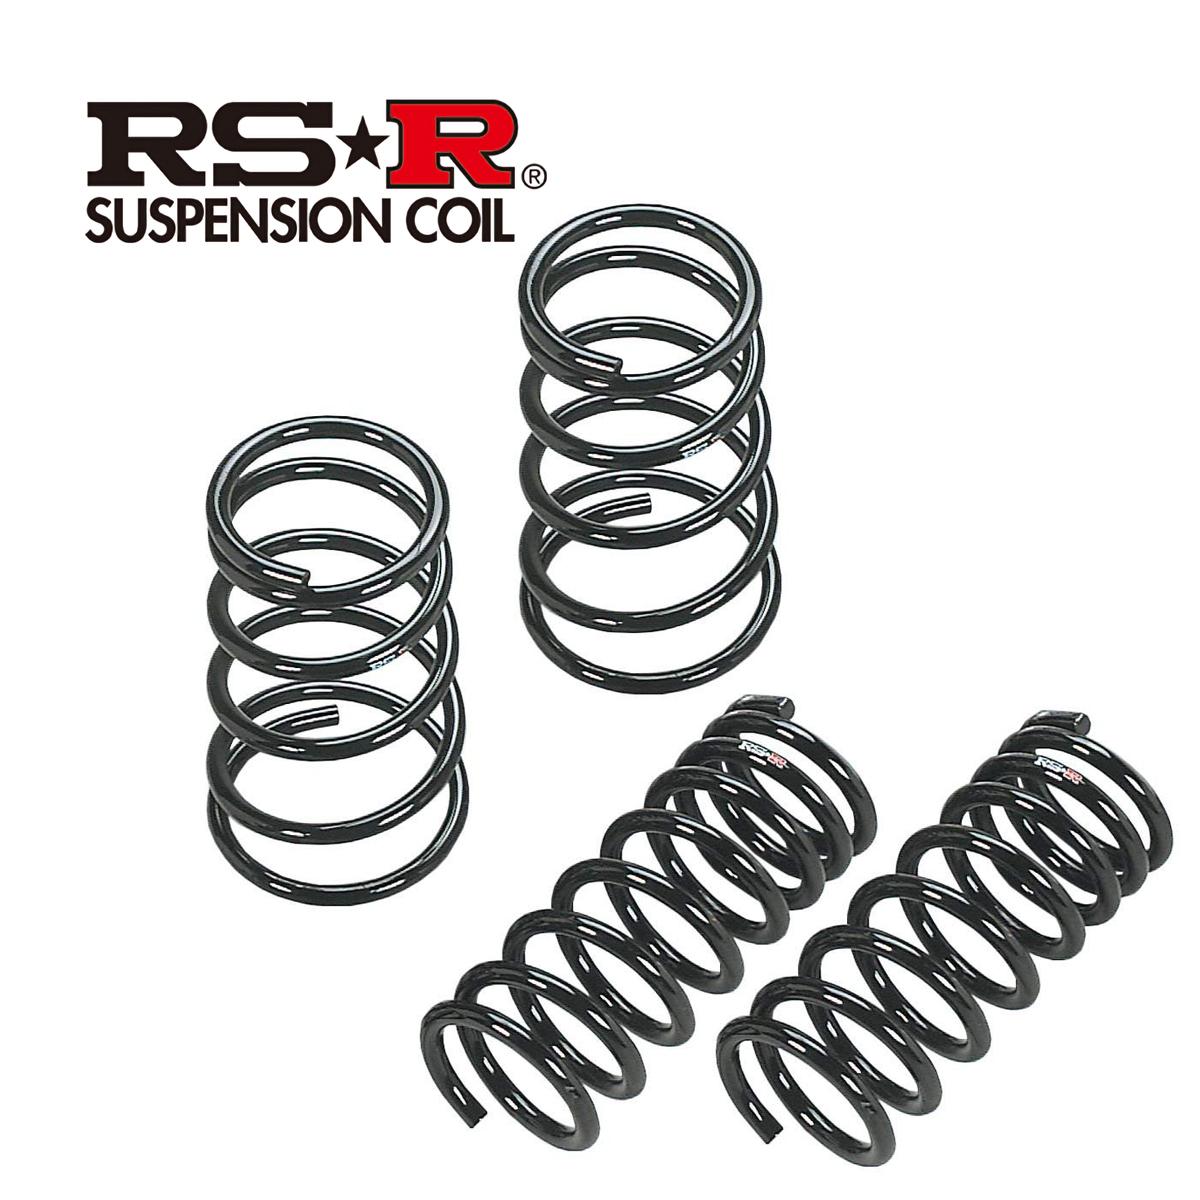 RS-R カローラツーリング ZRE212W S ダウンサス スプリング フロント T580SF RSR スーパーダウン RSR 個人宅発送追金有